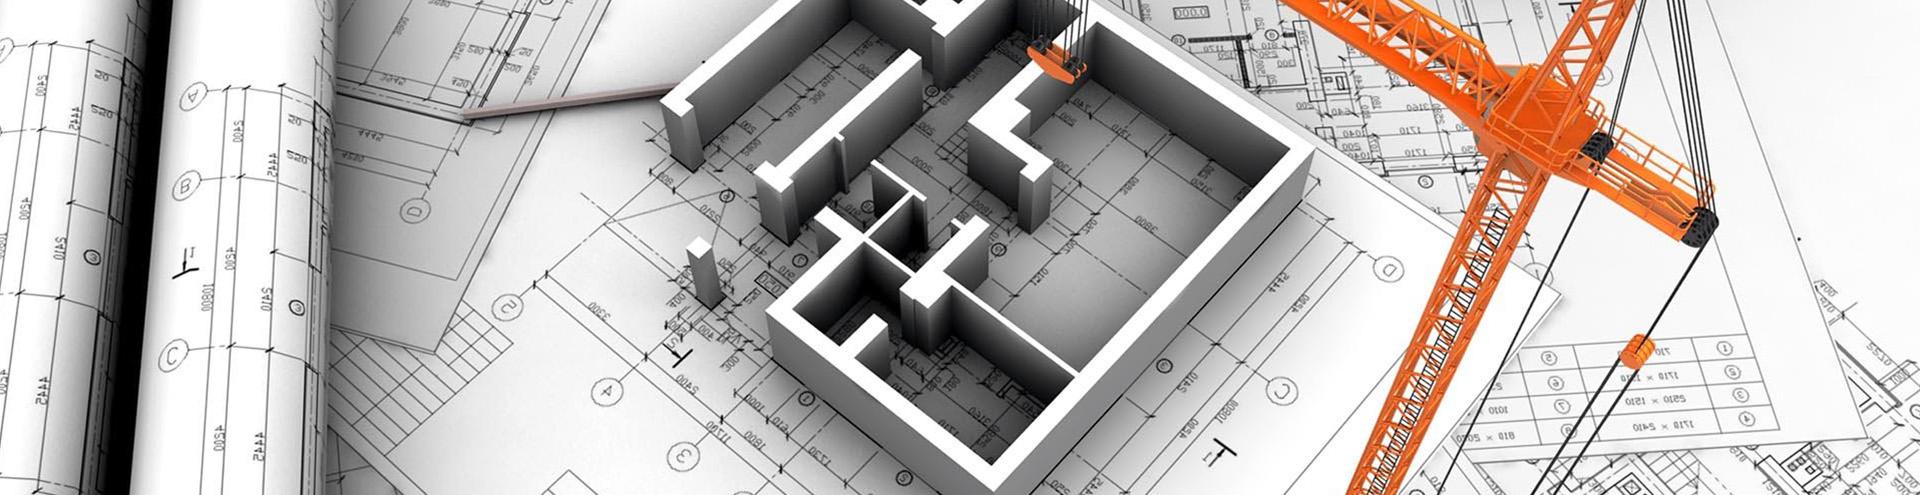 Получение разрешения на реконструкцию здания в Астрахани и Астраханской области